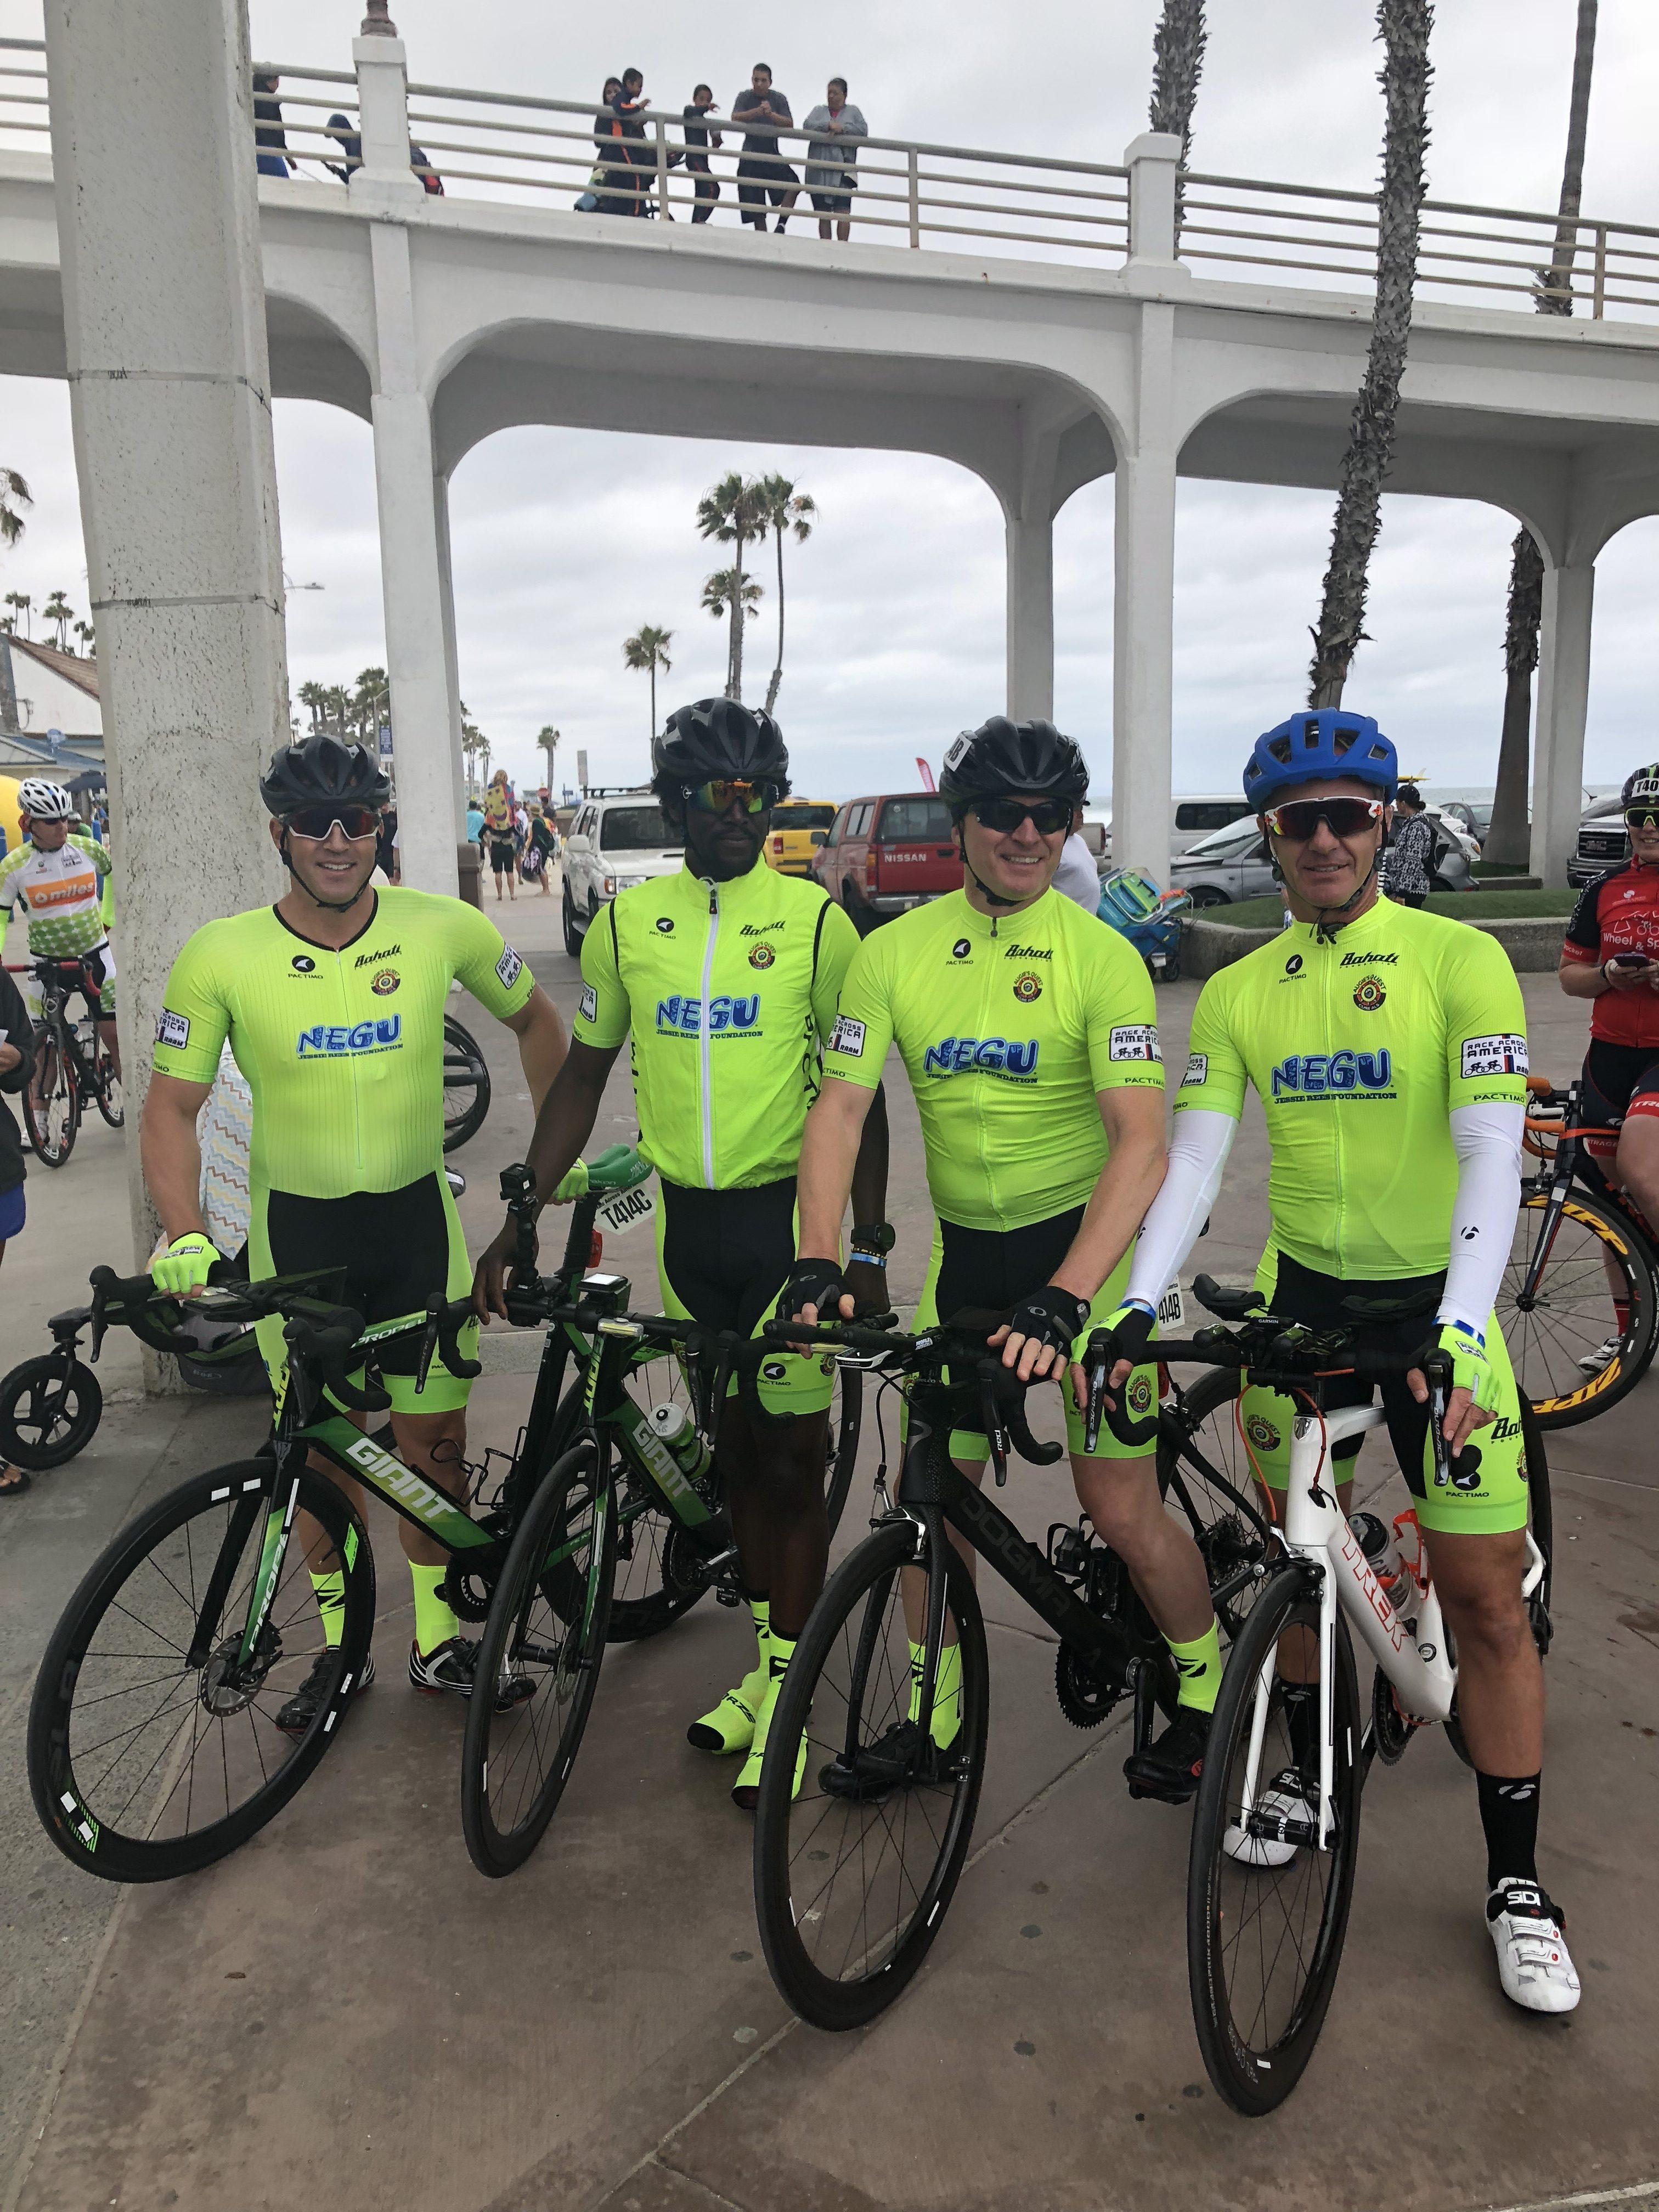 Team NEGU Riders